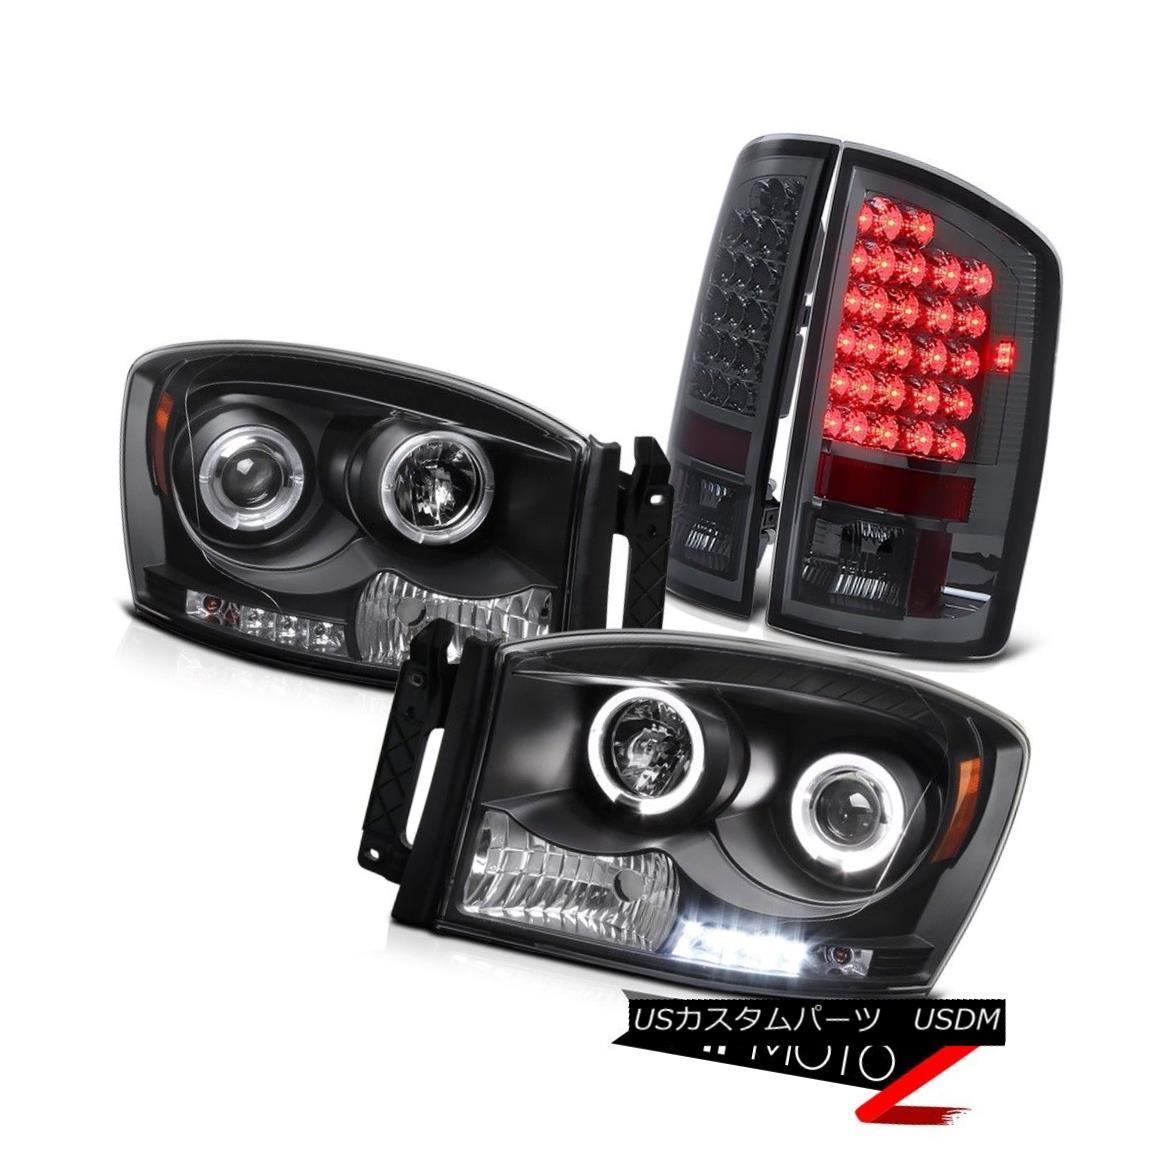 テールライト 2006 Dodge RAM Pickup Black HaLo Projector Headlight+SMOKE/RED LED Tail Lights 2006ダッジRAMピックアップブラックハロープロジェクターヘッドライト+ SMOK E / RED LEDテールライト